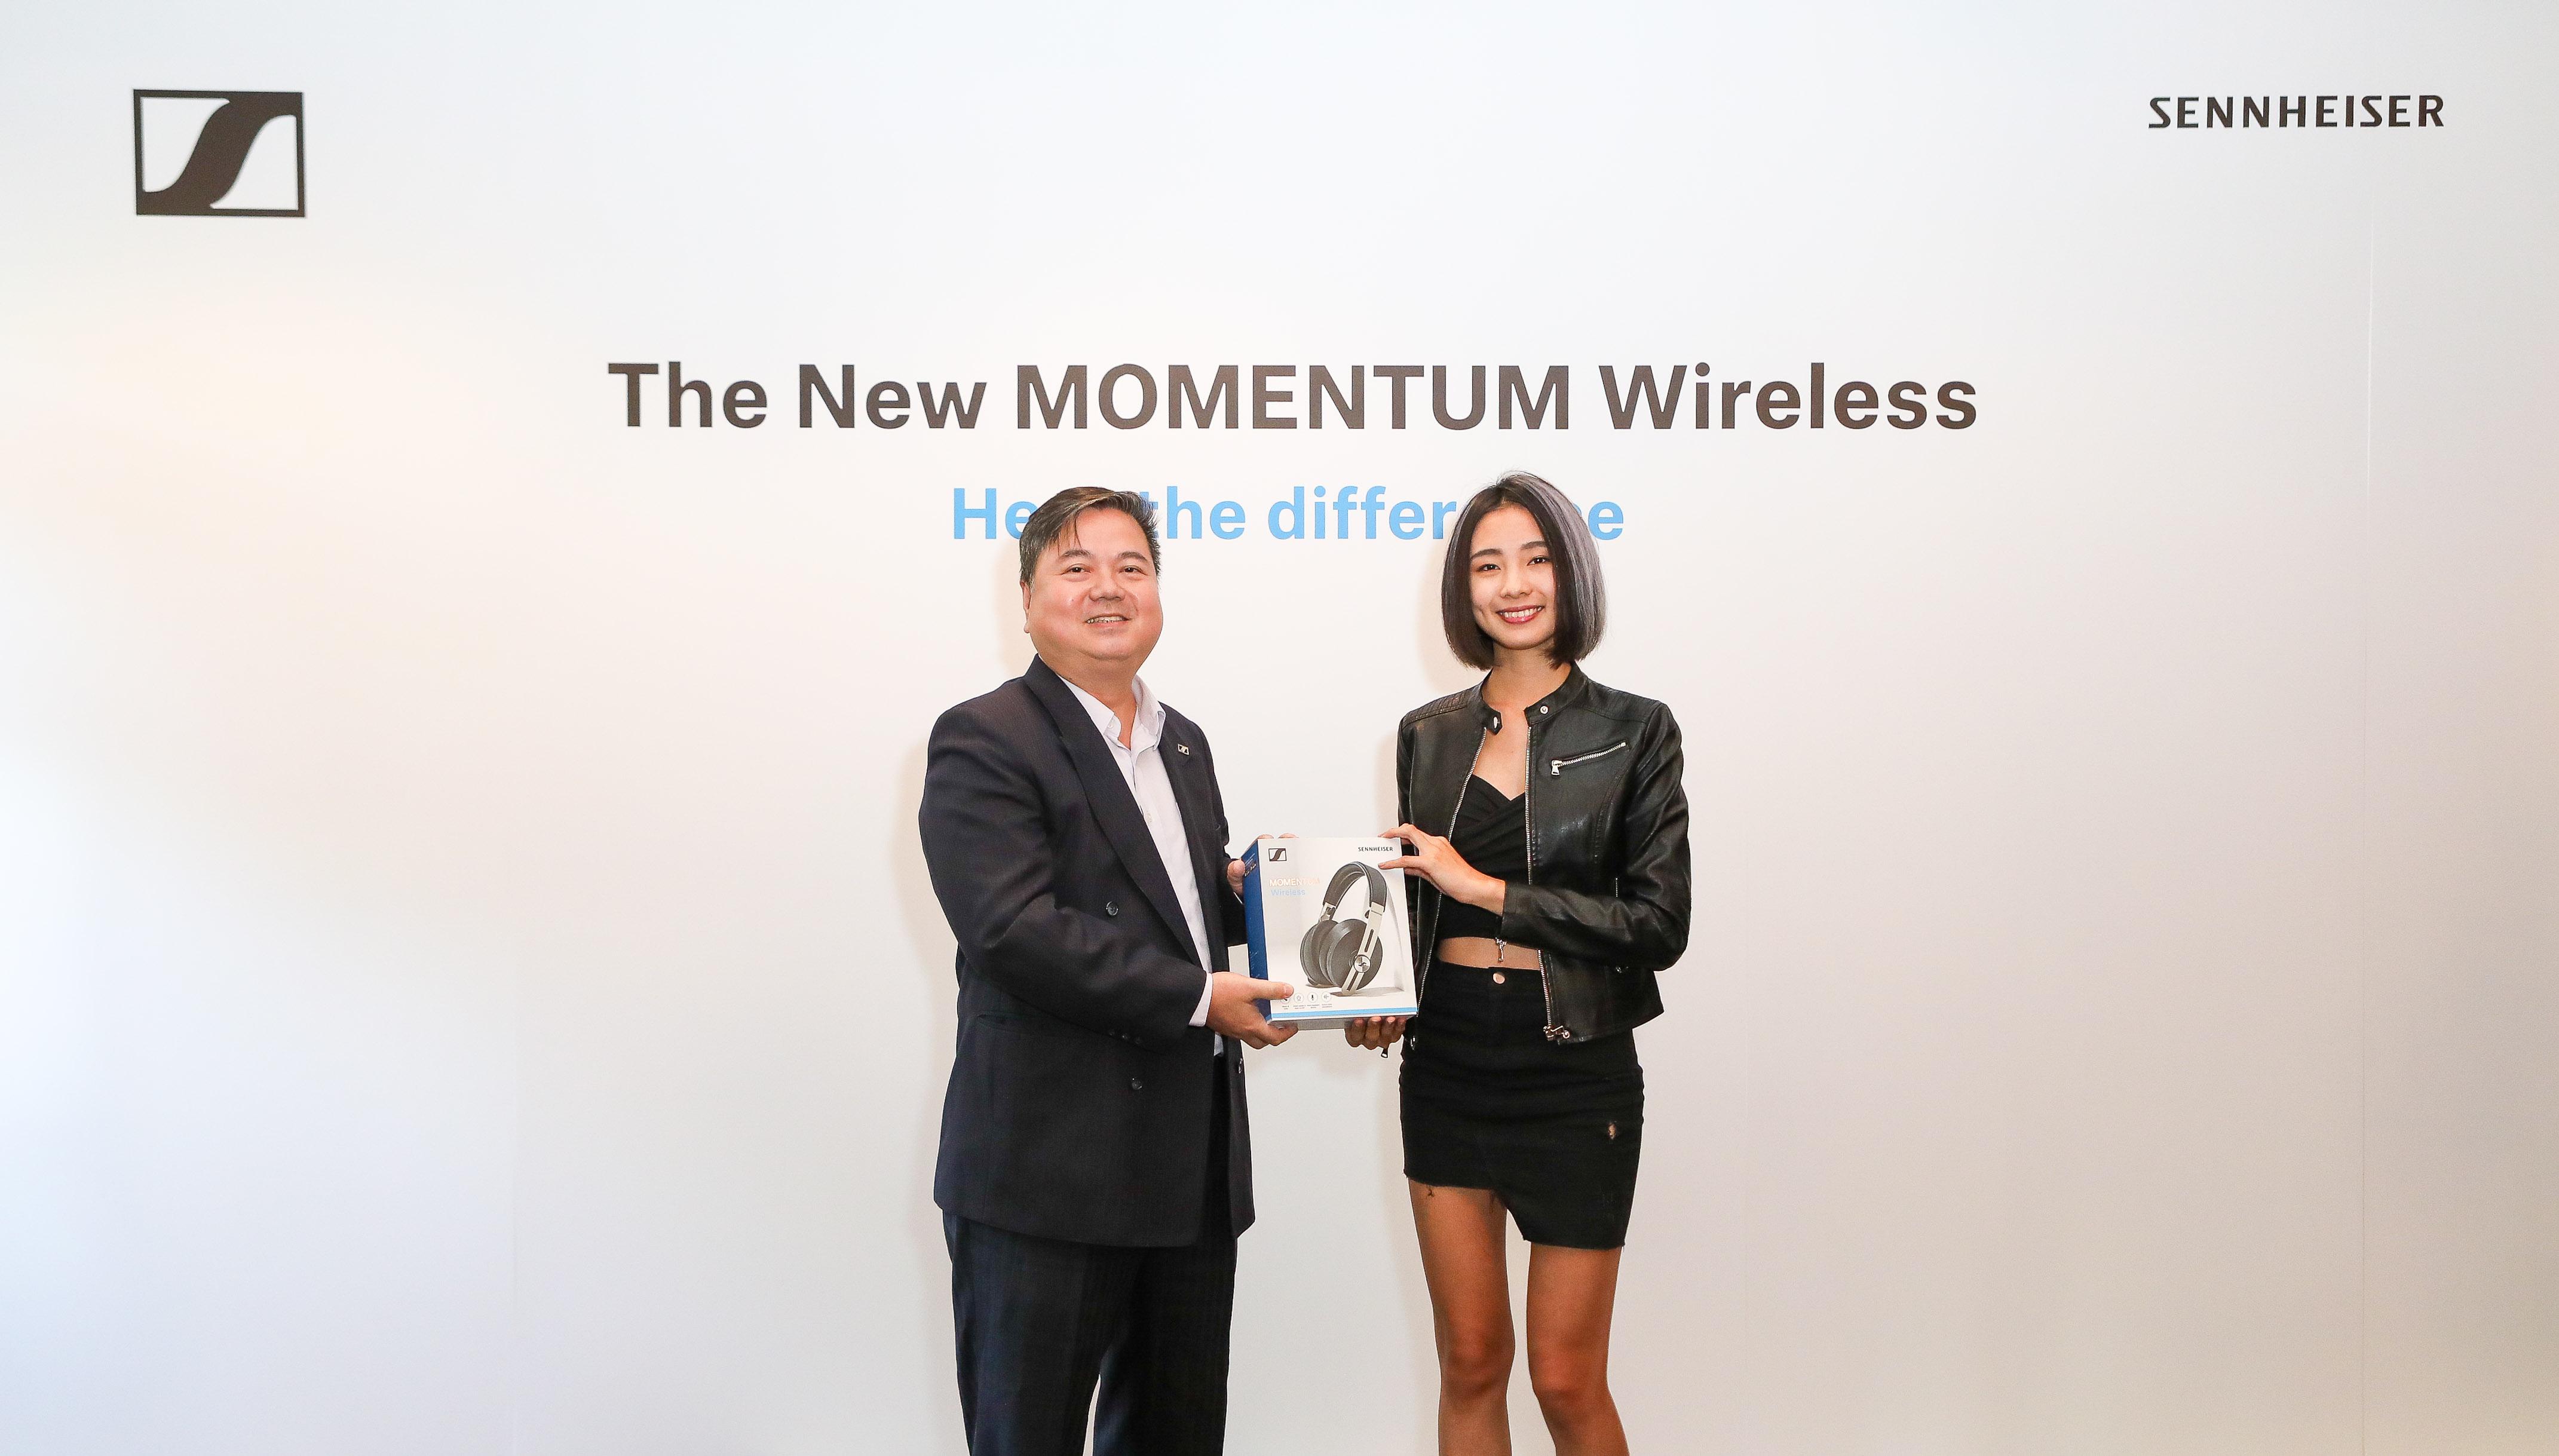 Sennheiser台灣地區總代理商 - 宙宣有限公司總經理 洪明賢先生致贈全新MOMENTUM WIRELESS智能耳機